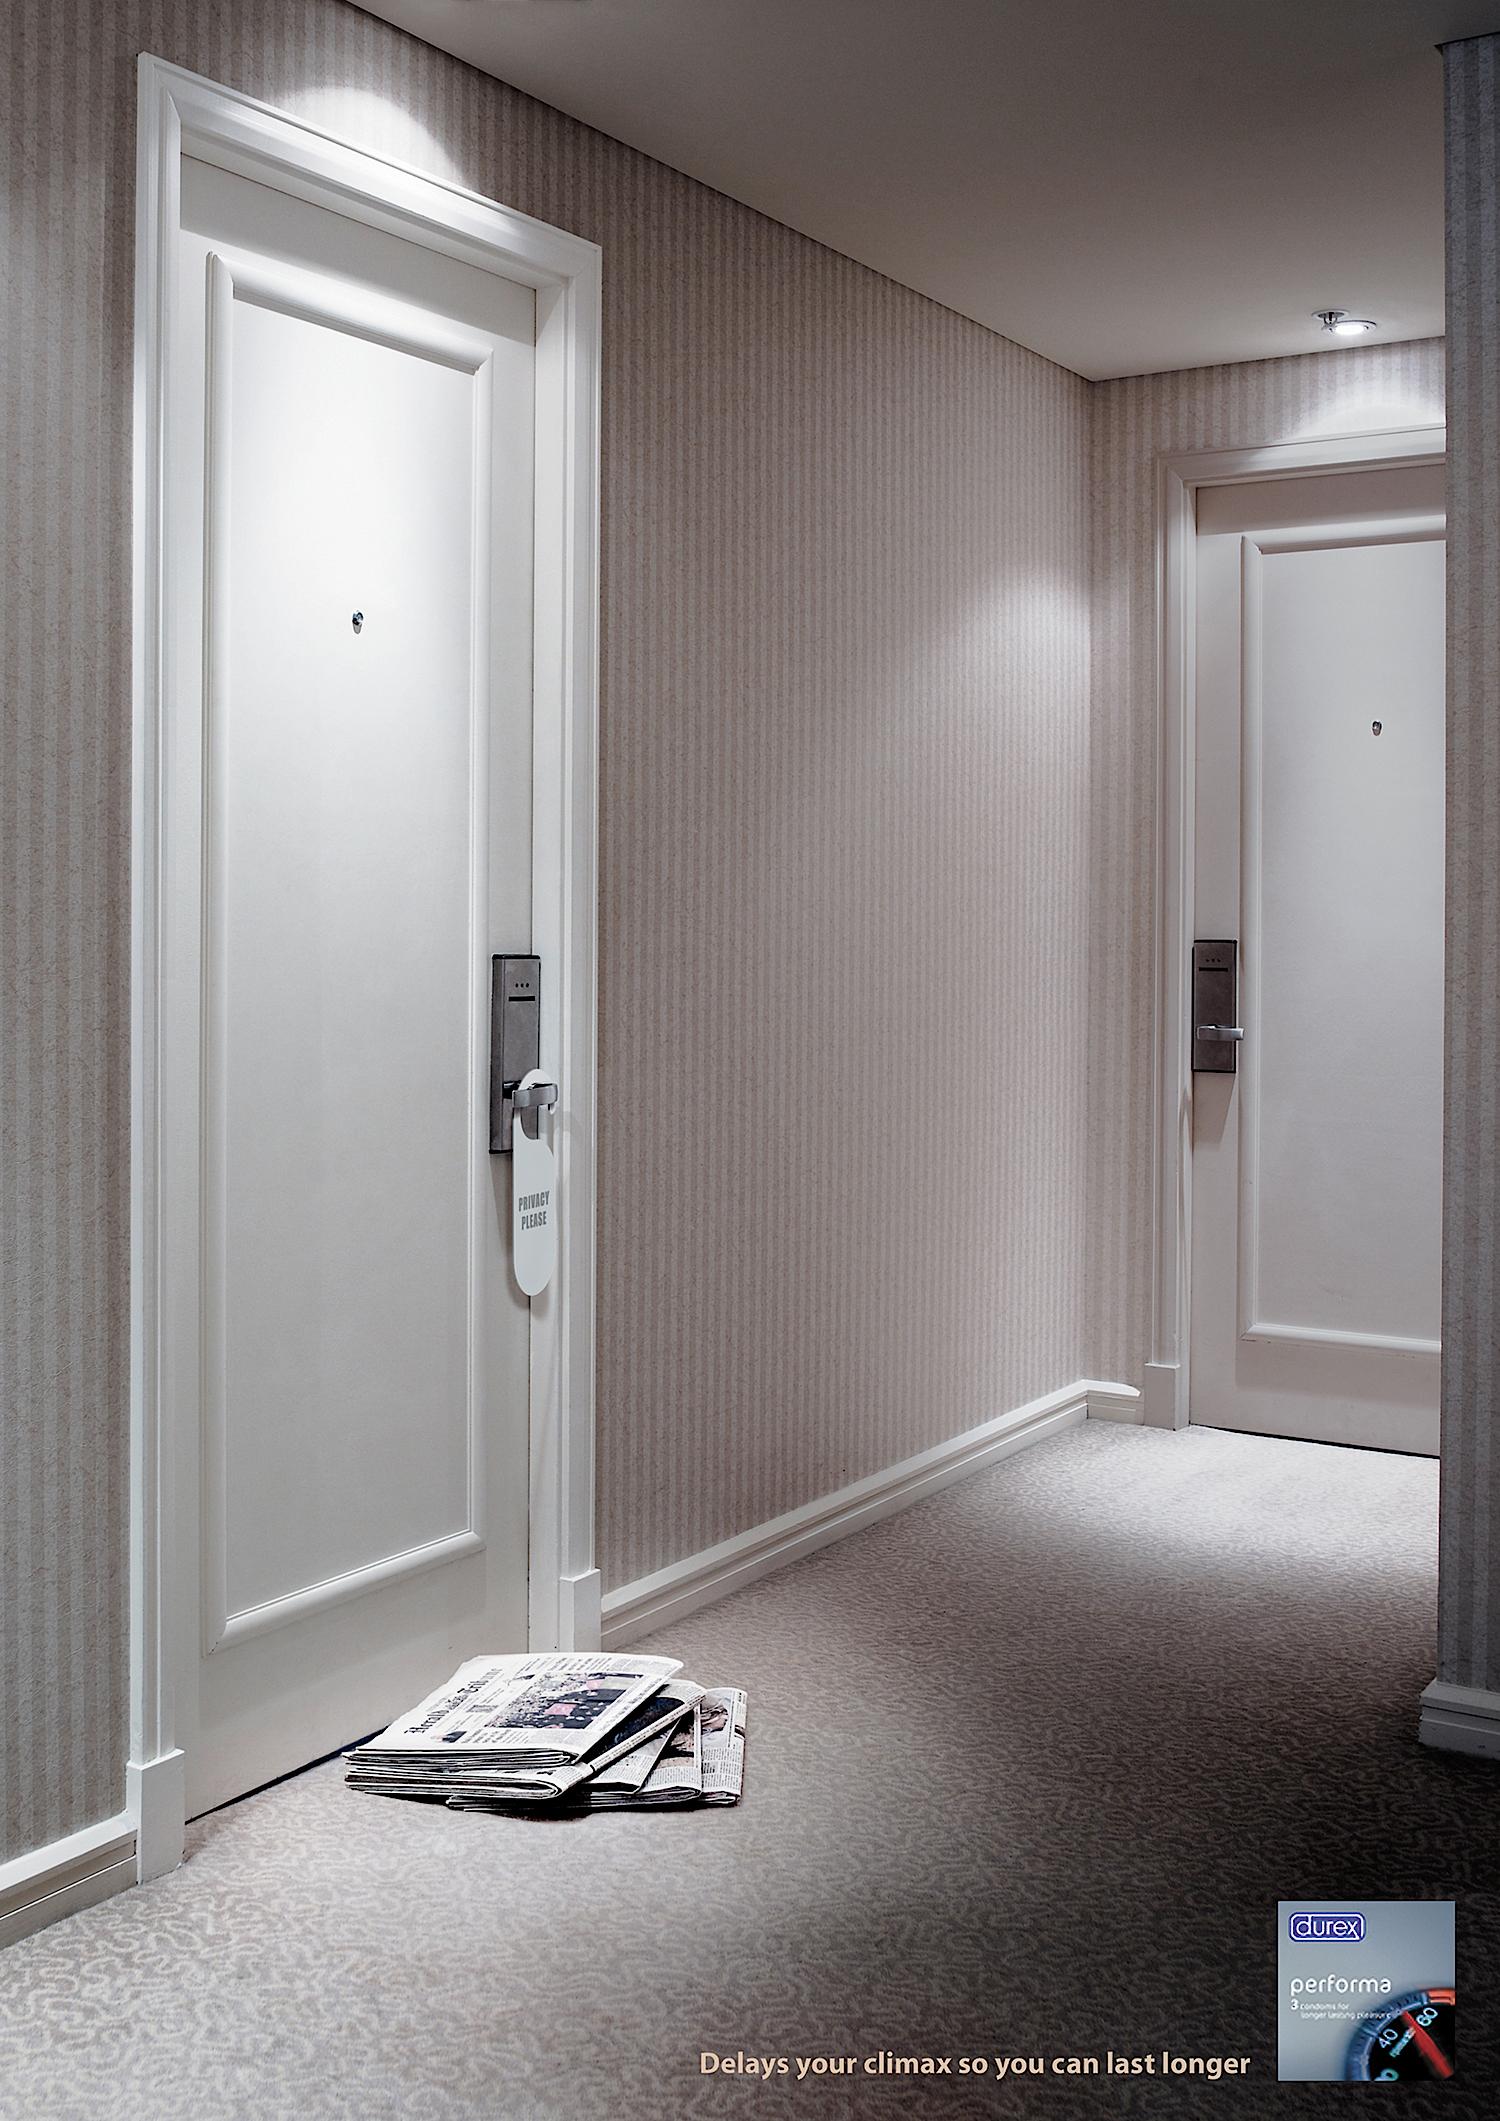 DUREX-HOTEL.jpg